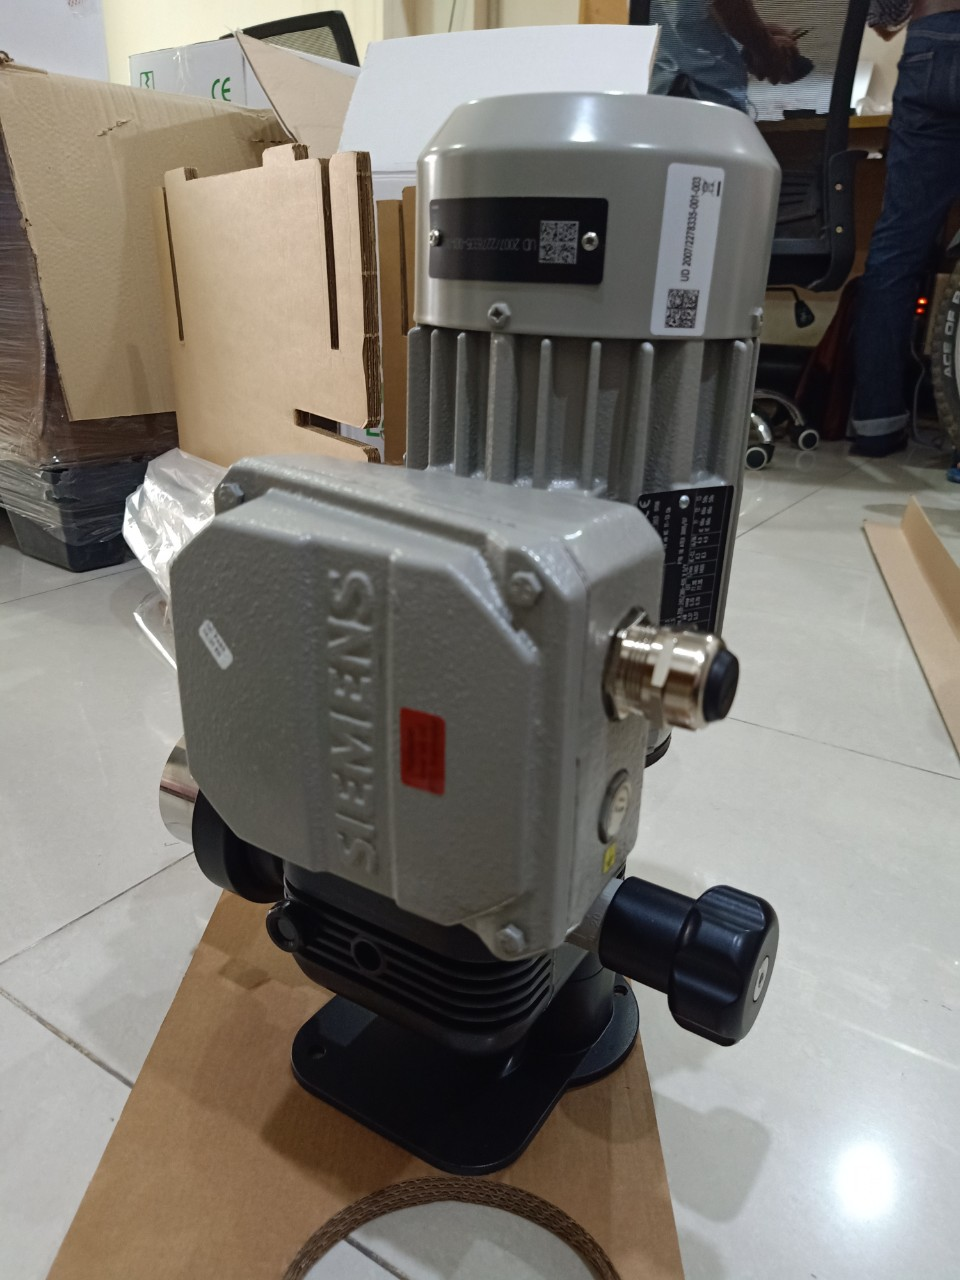 Bơm định lượng Emec loại Prius D chuẩn Atex (chống cháy nổ)